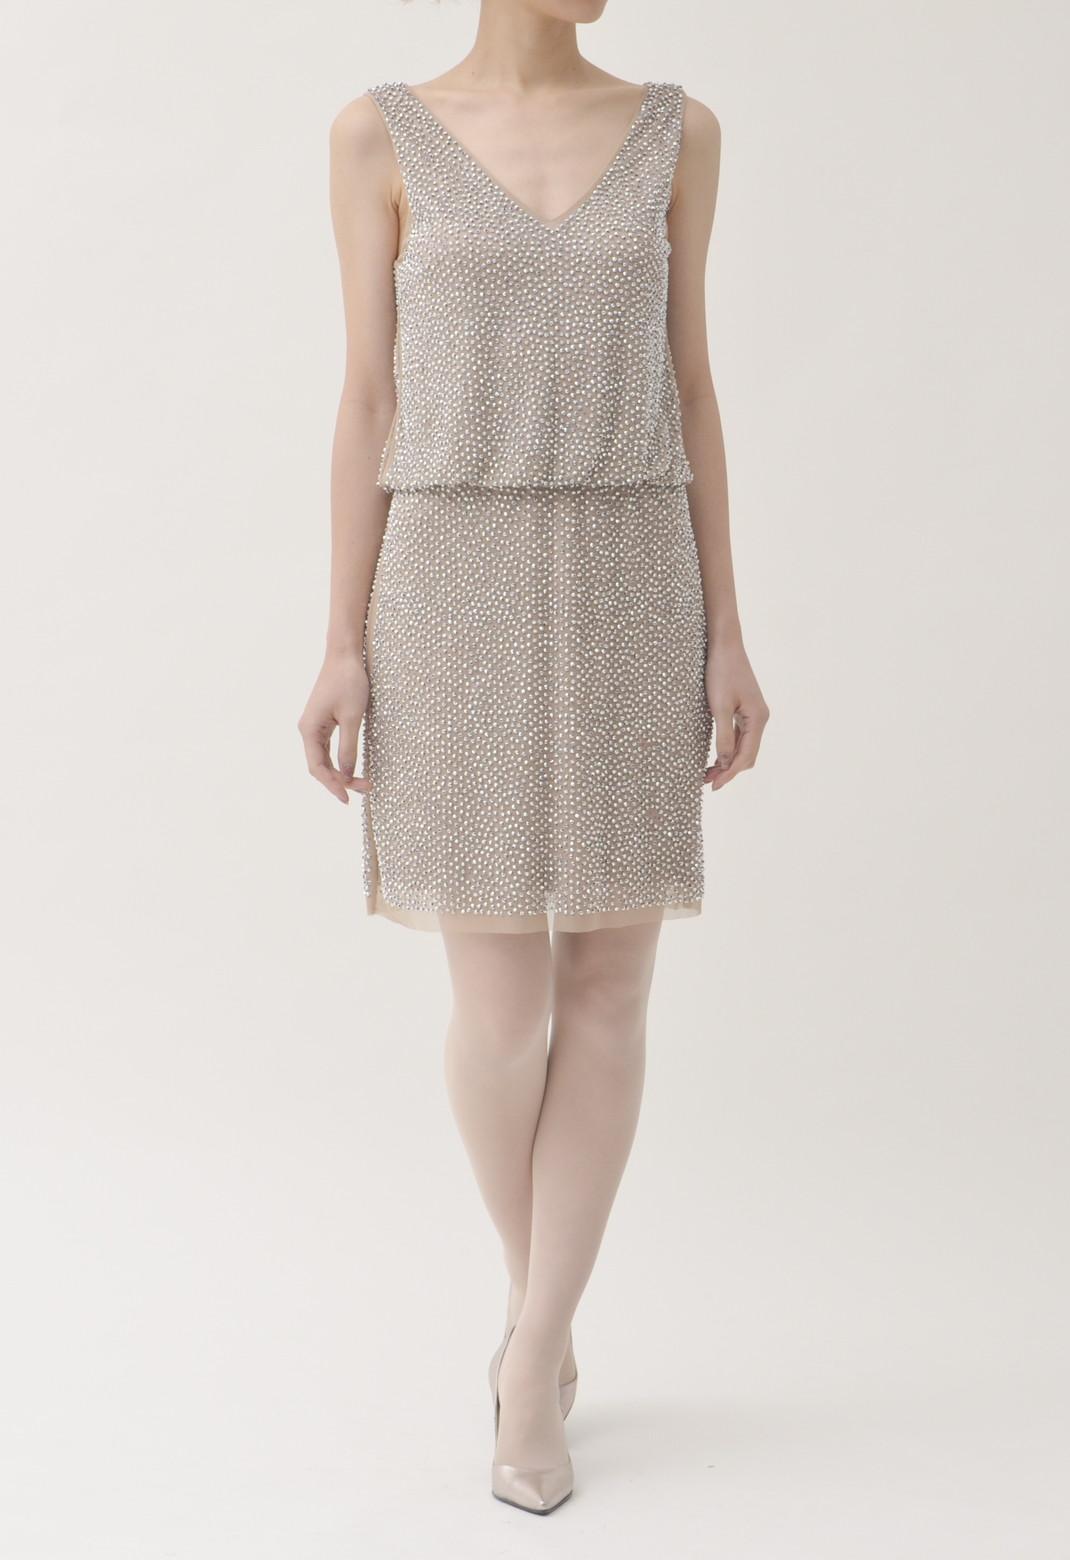 総シルバービーズ飾り ノースリーブ ドレス